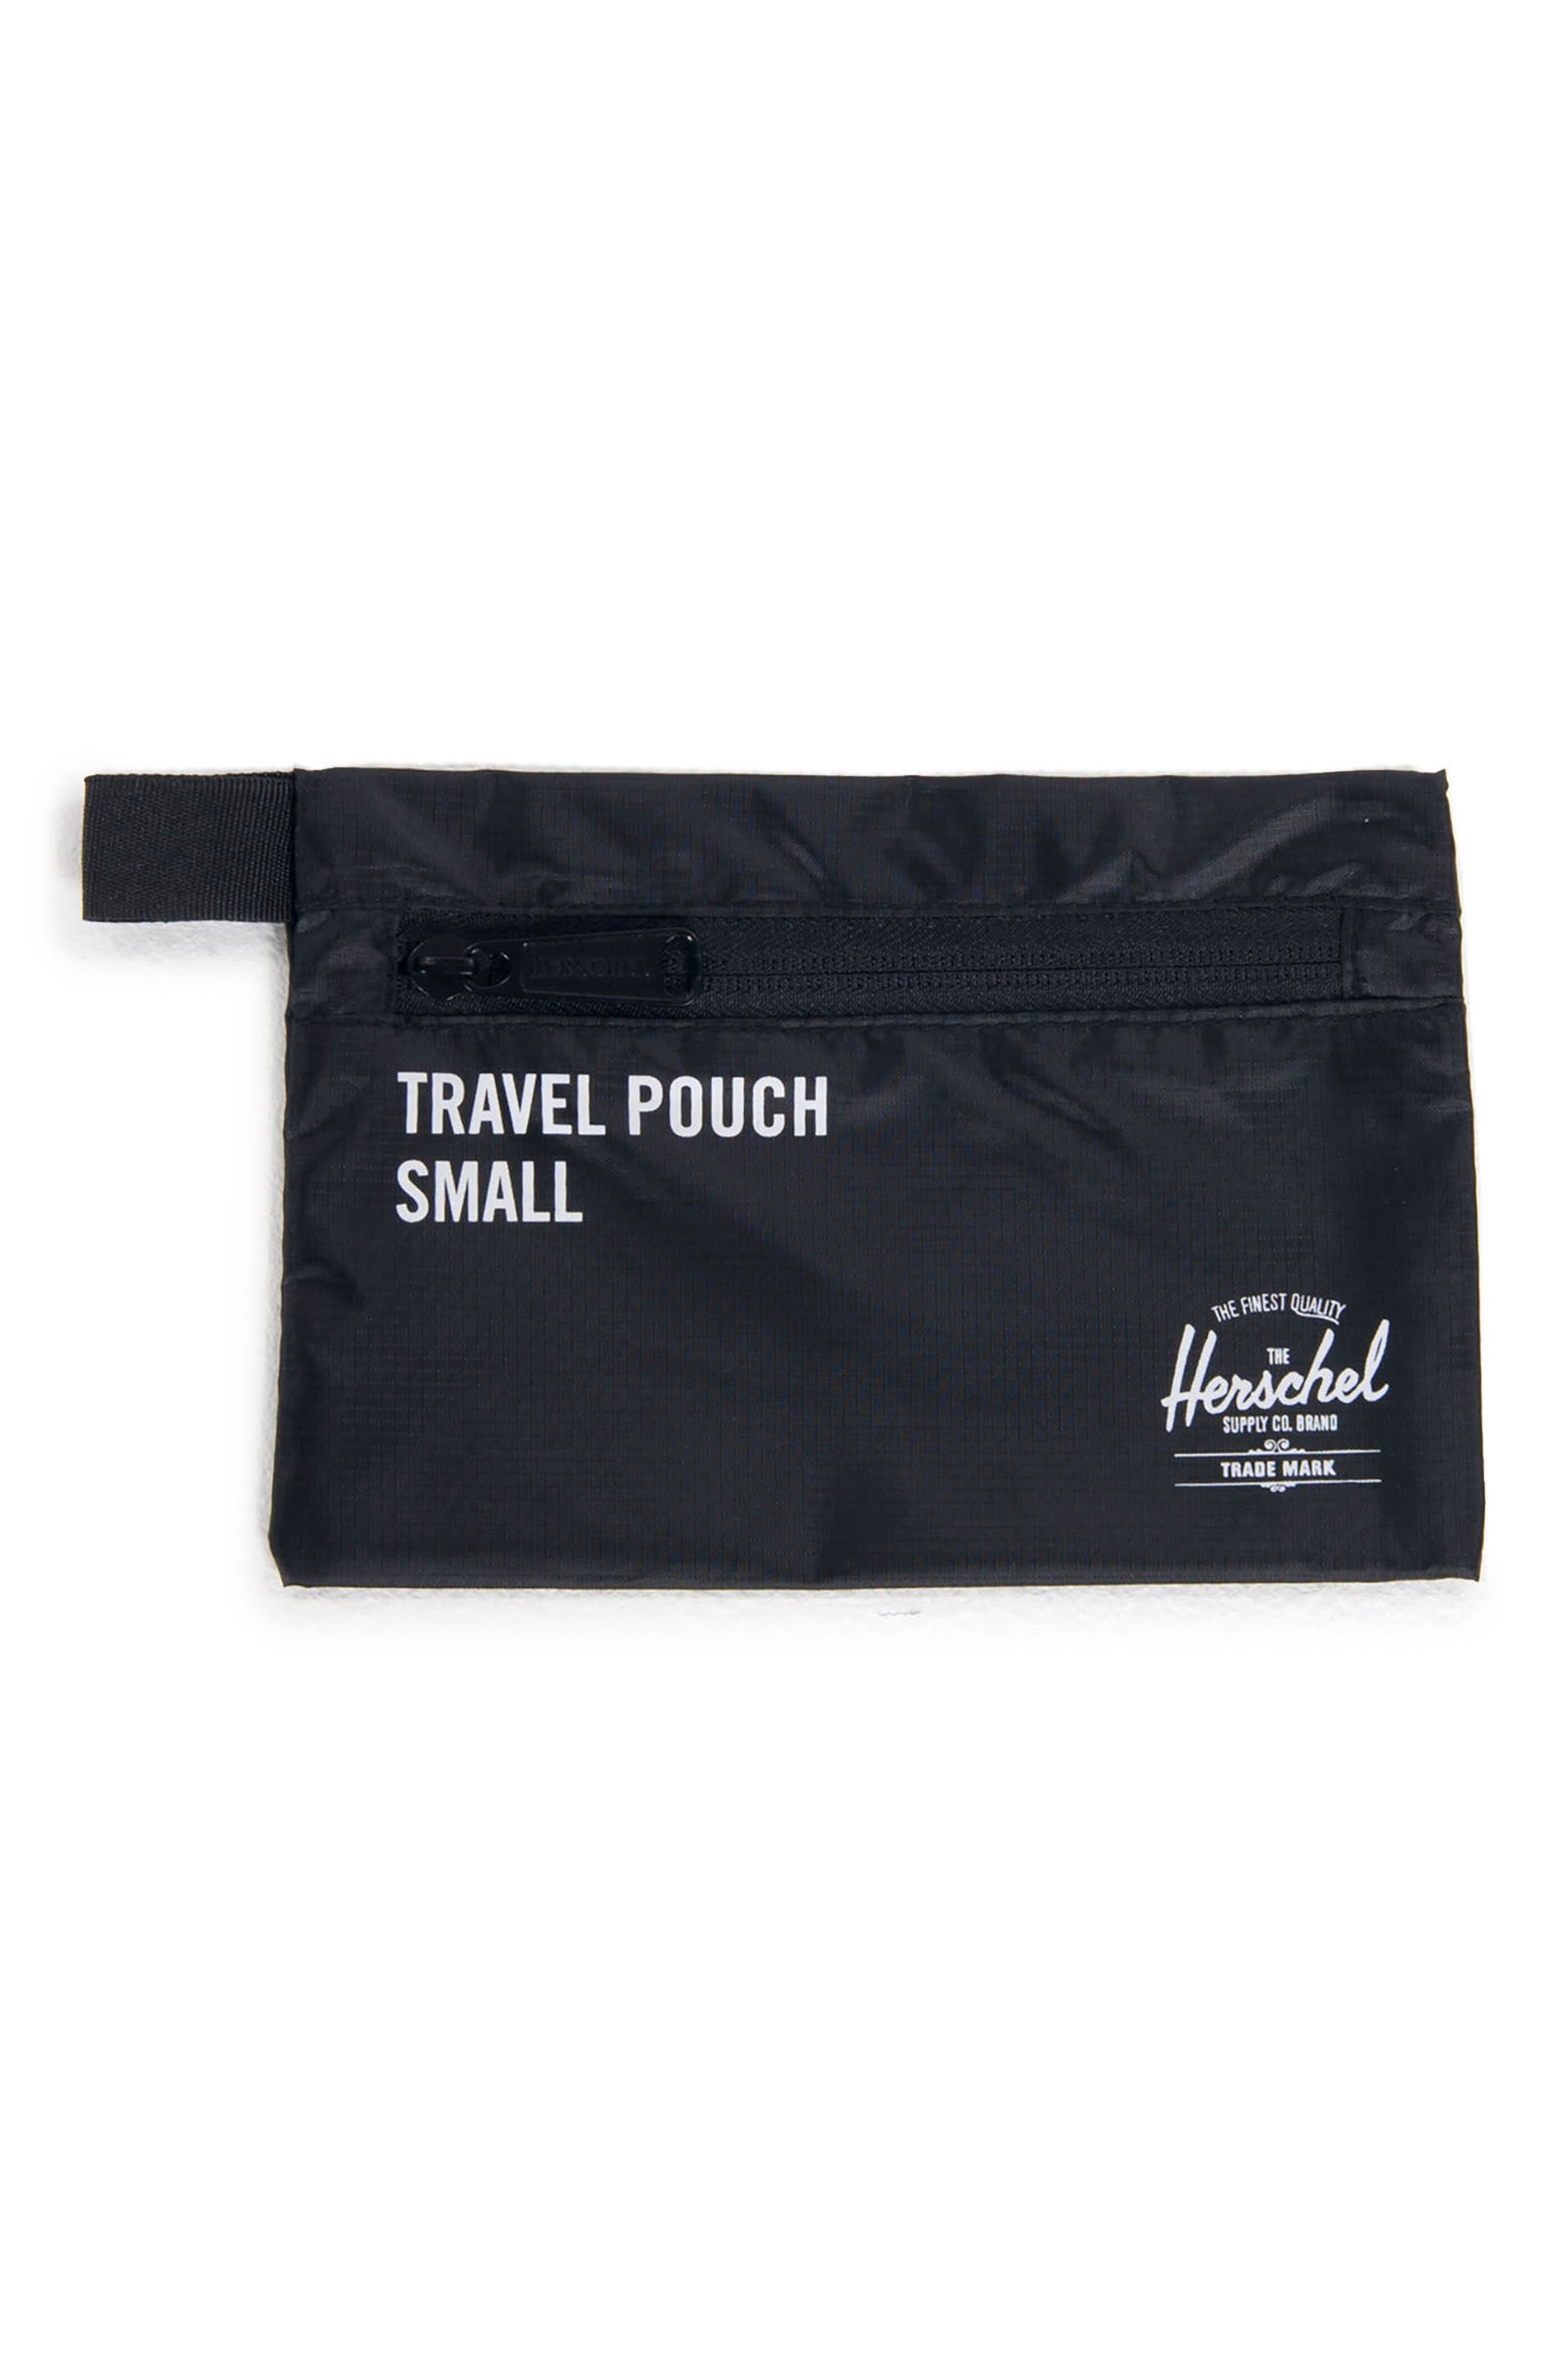 Travel Pouch Set,                             Alternate thumbnail 3, color,                             BLACK